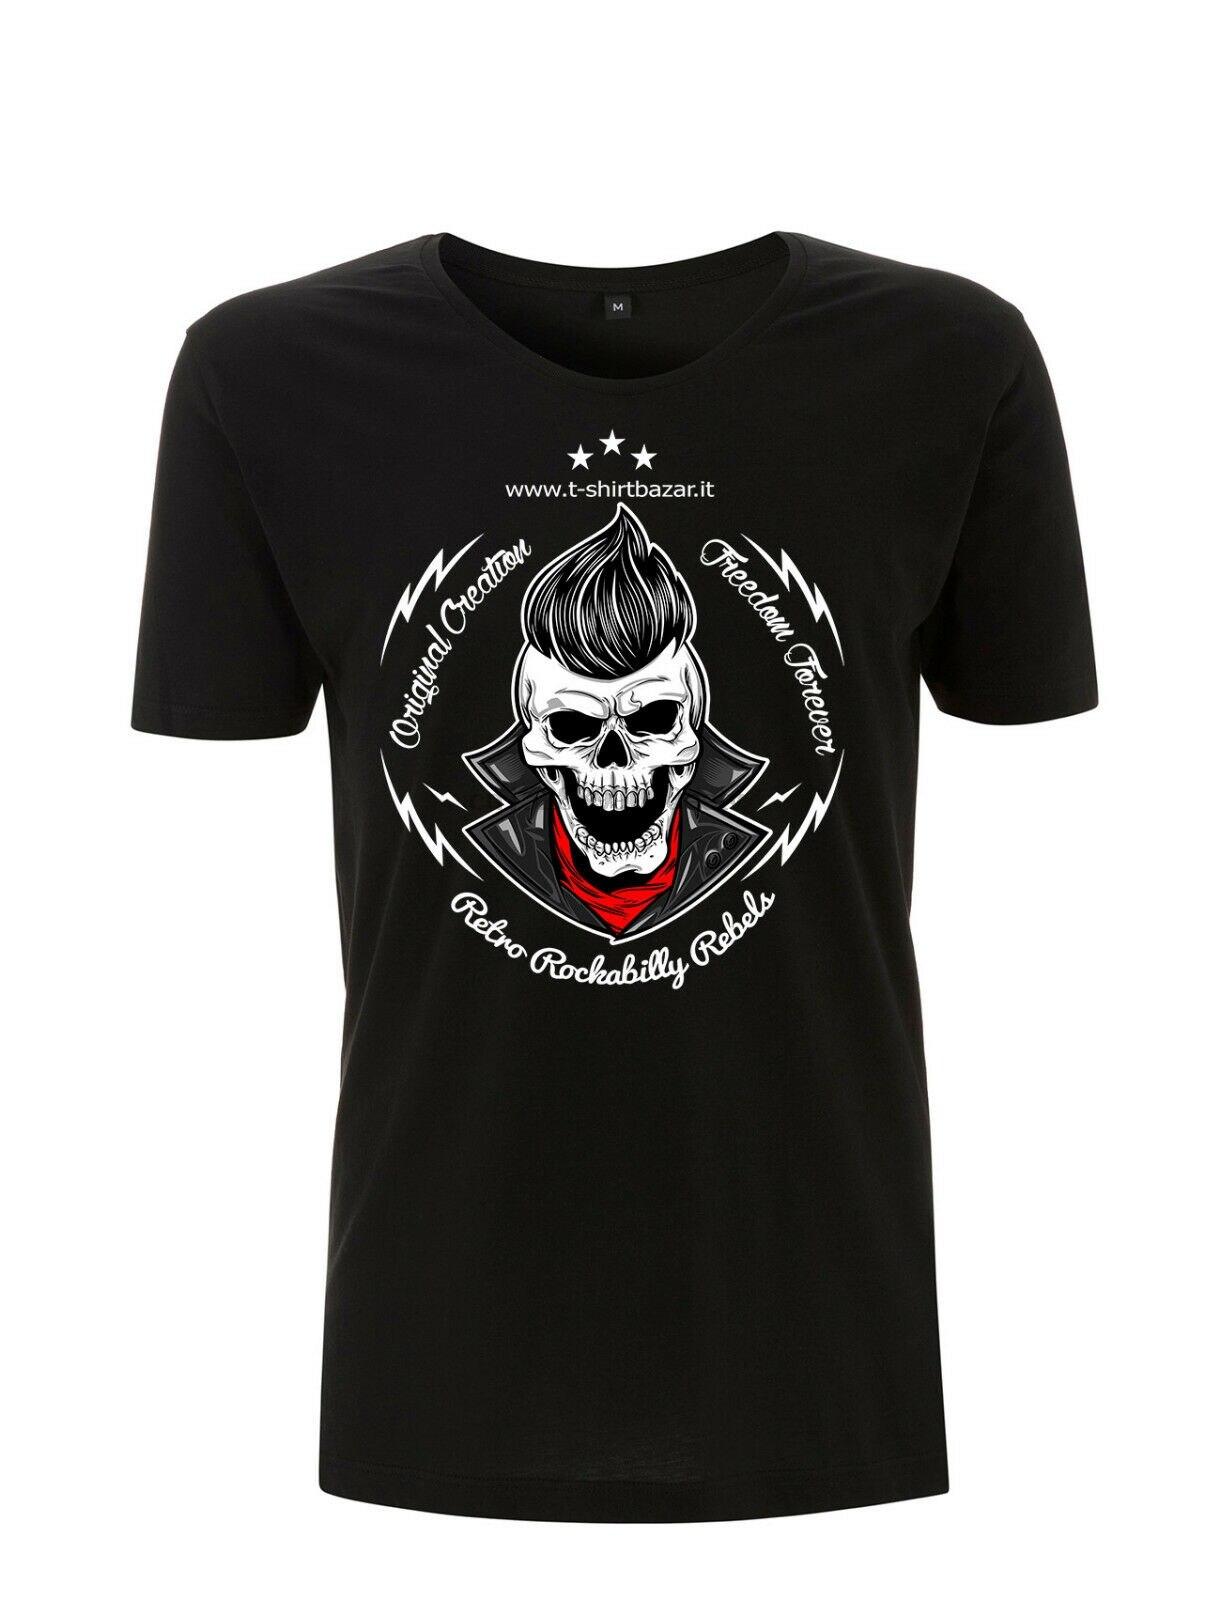 Cuello ancho en Biker Cleavage con Crest camiseta Camisa estampada calavera